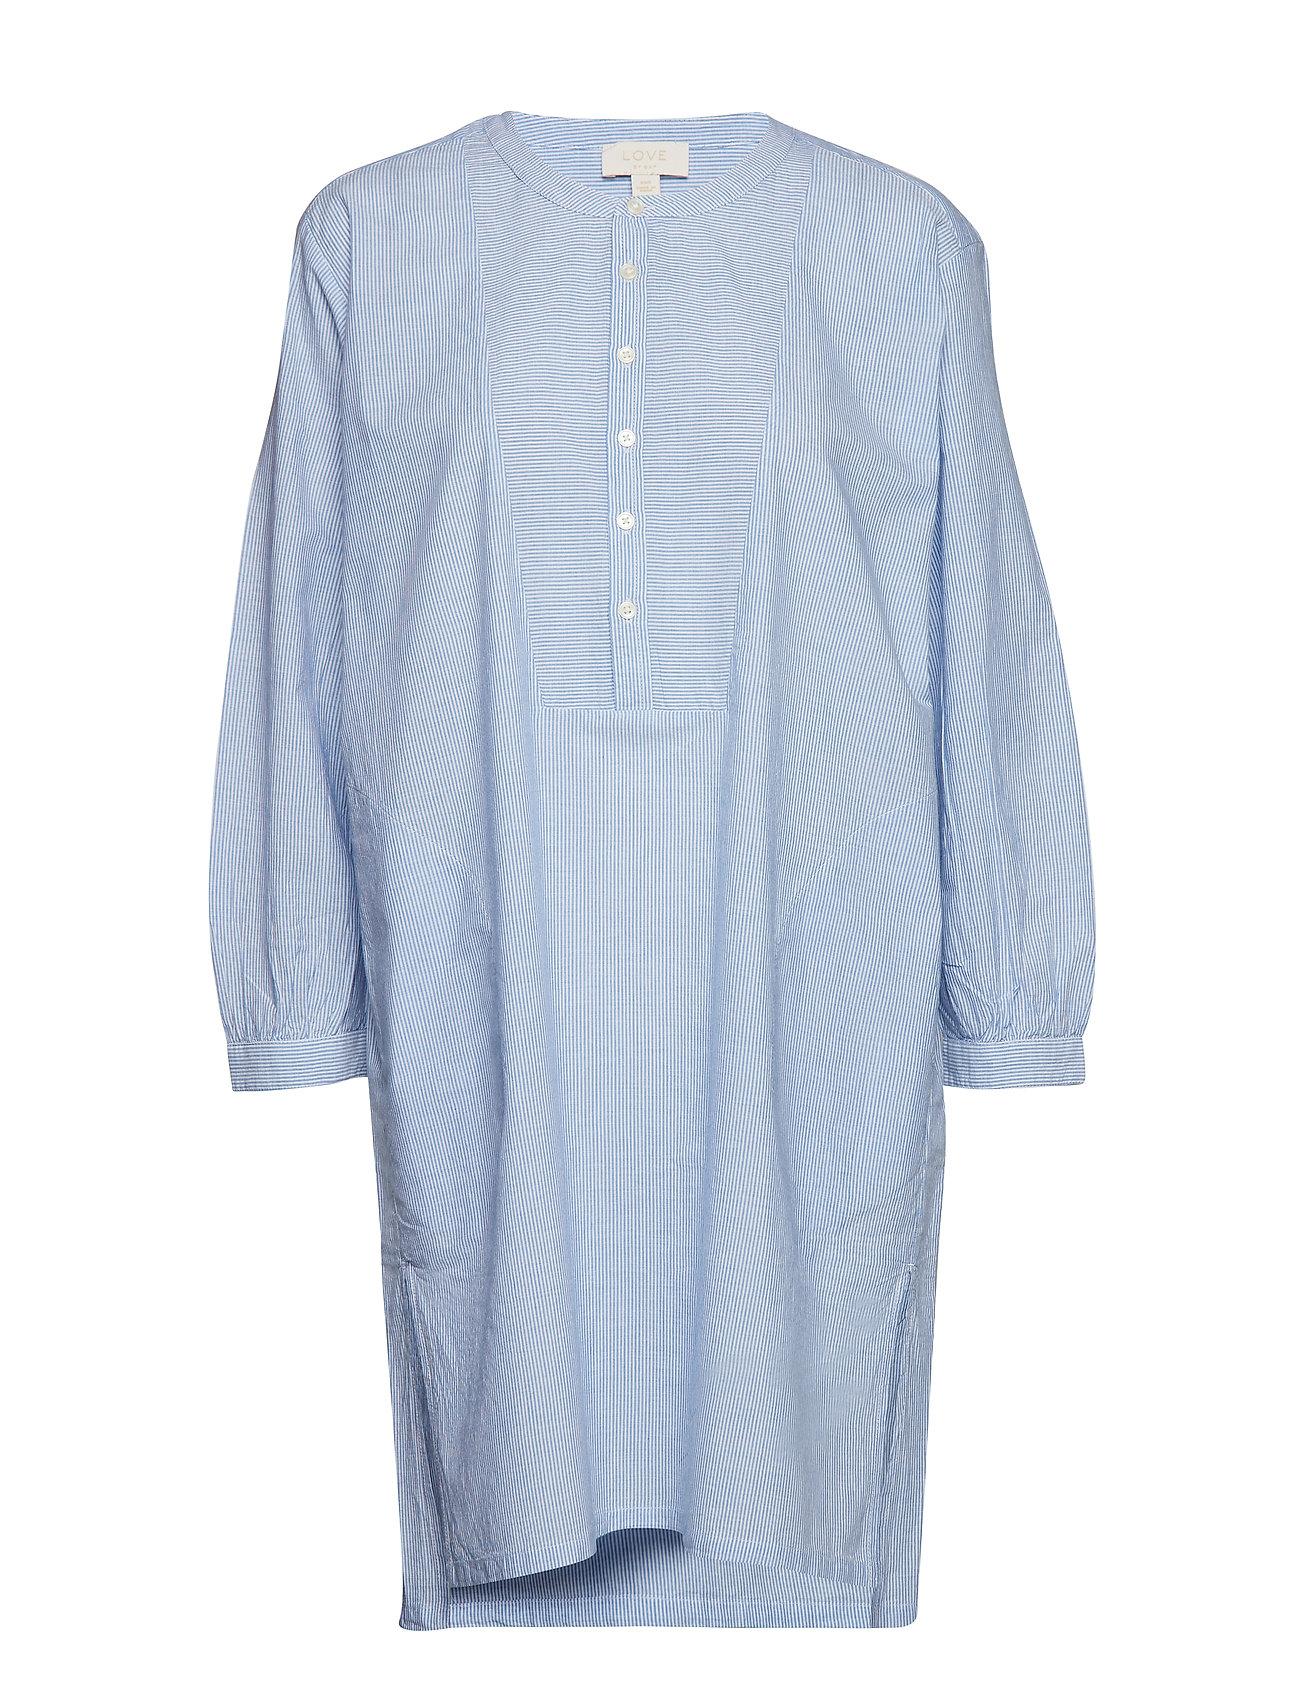 GAP Dreamwell Stripe Bib-Front Shirtdress - BLUE/WHITE STRIPE